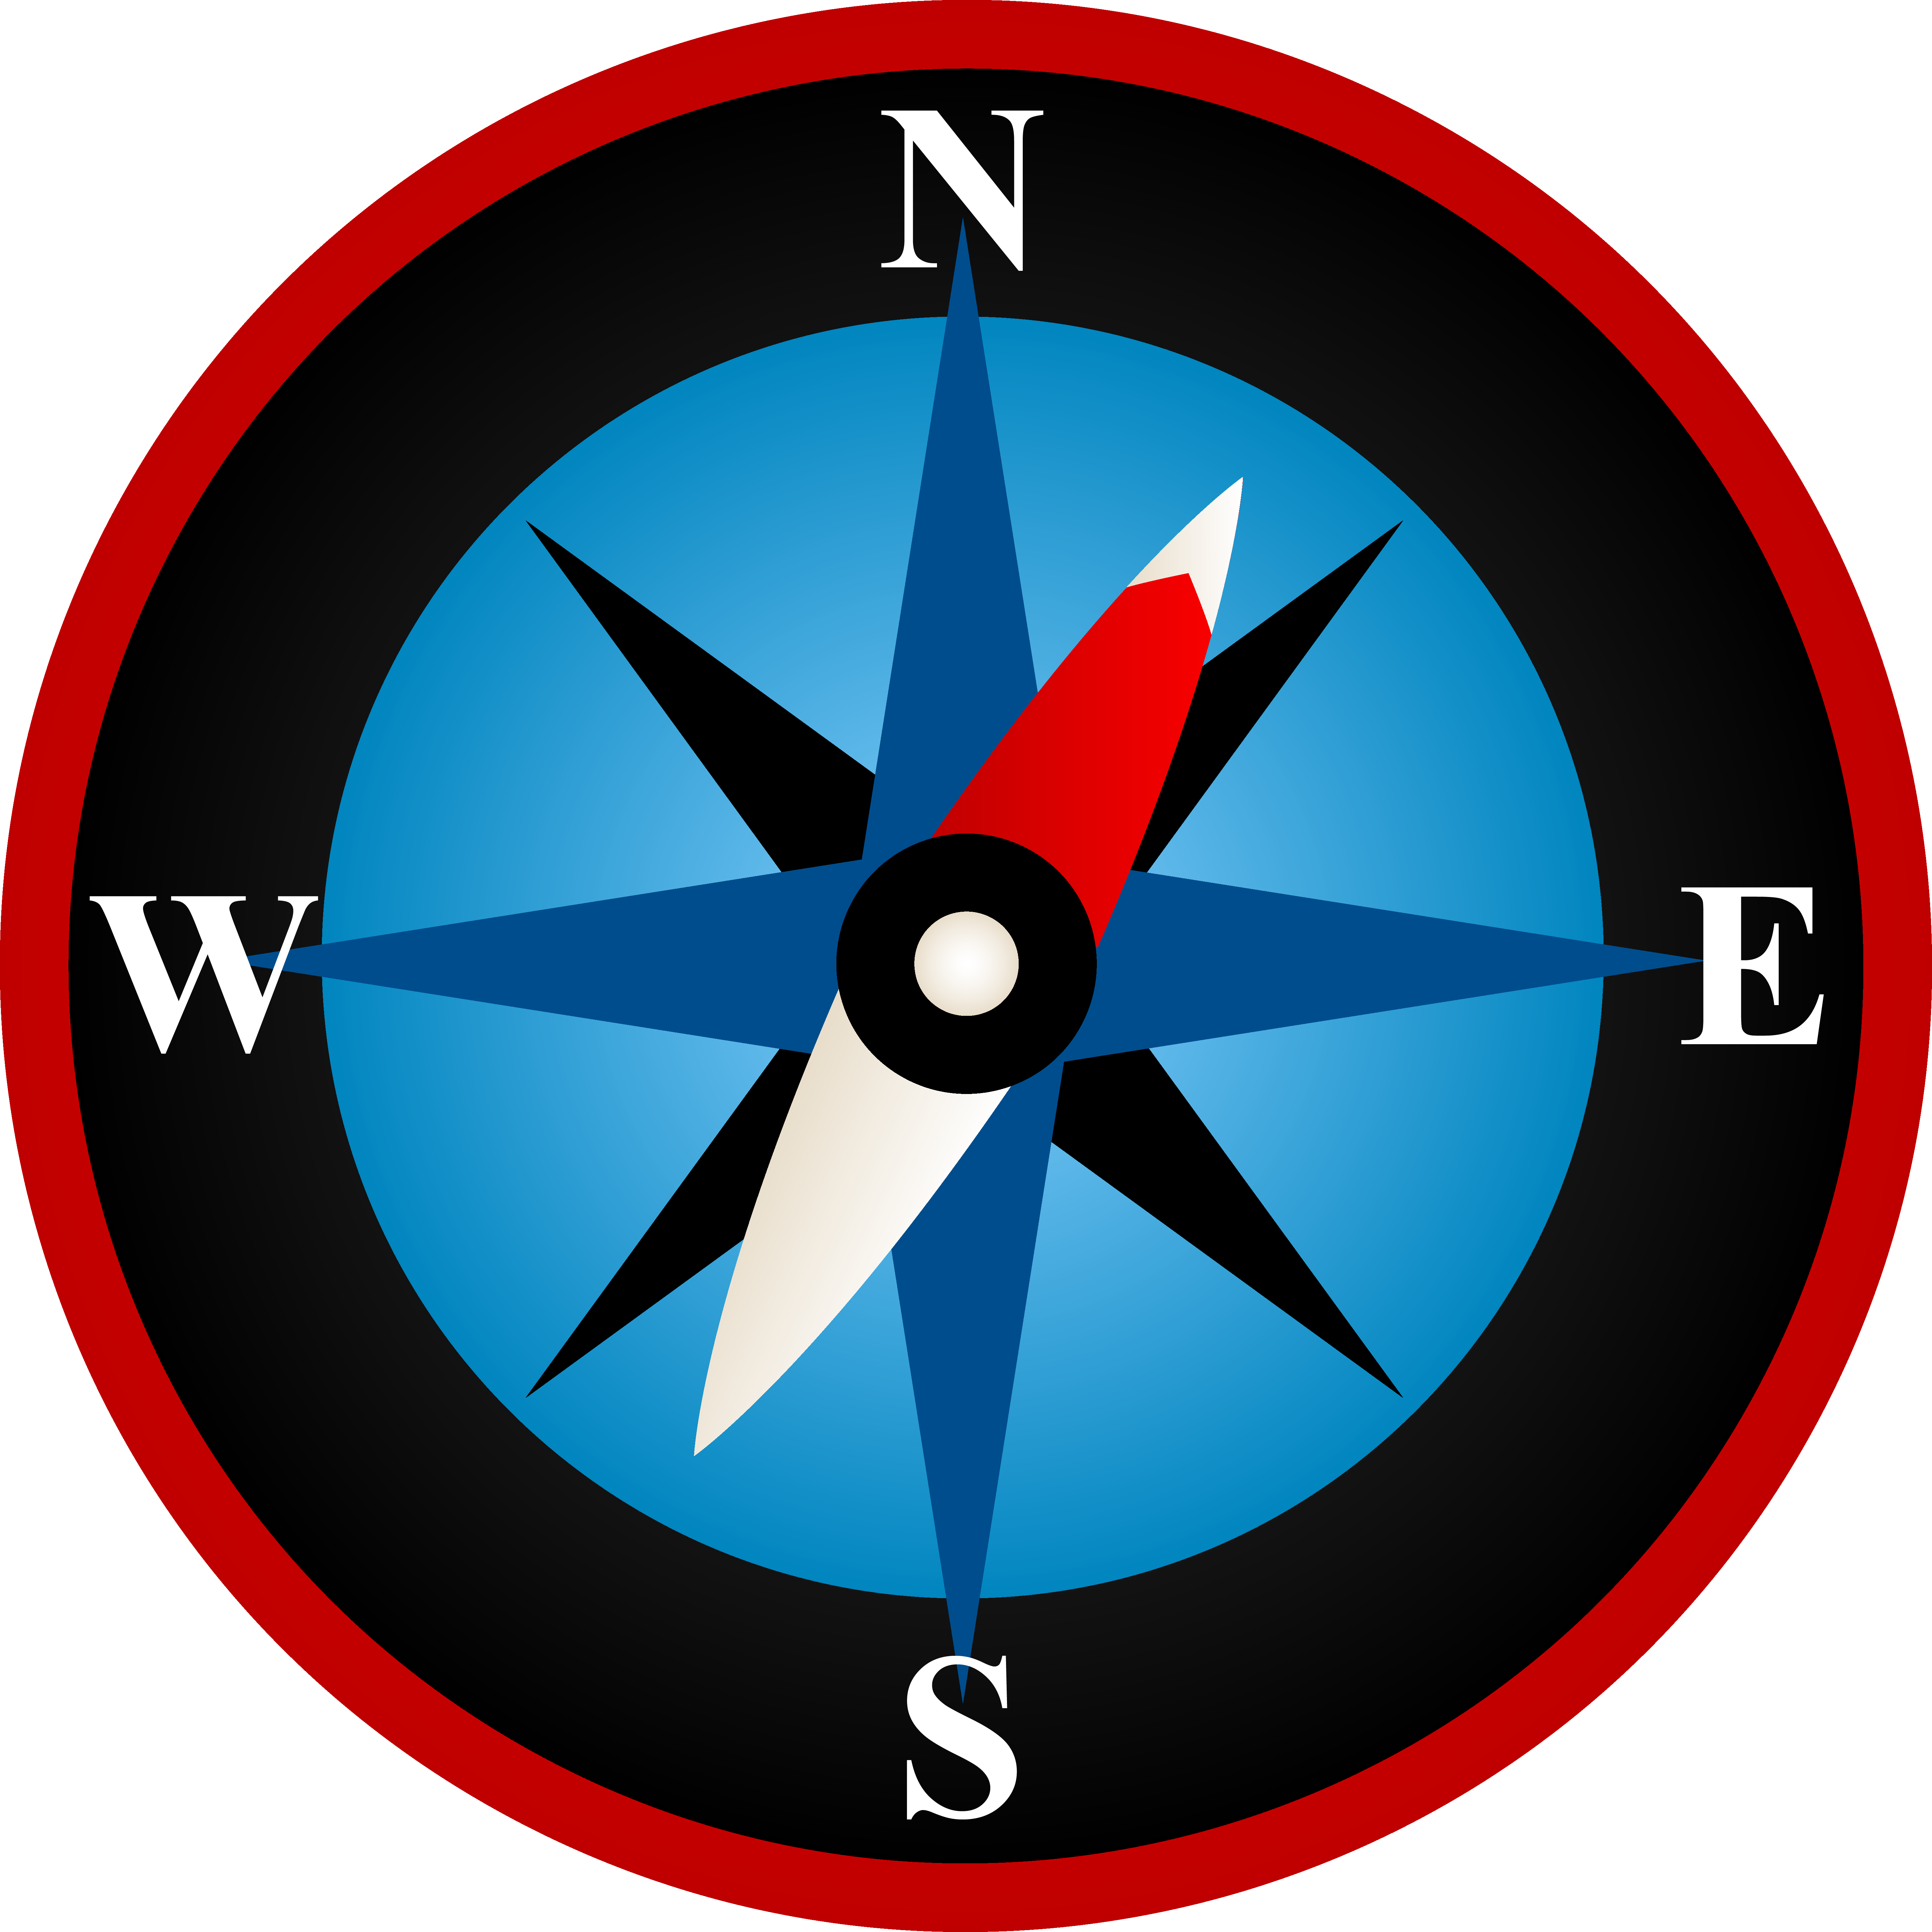 Compass clipart compas.